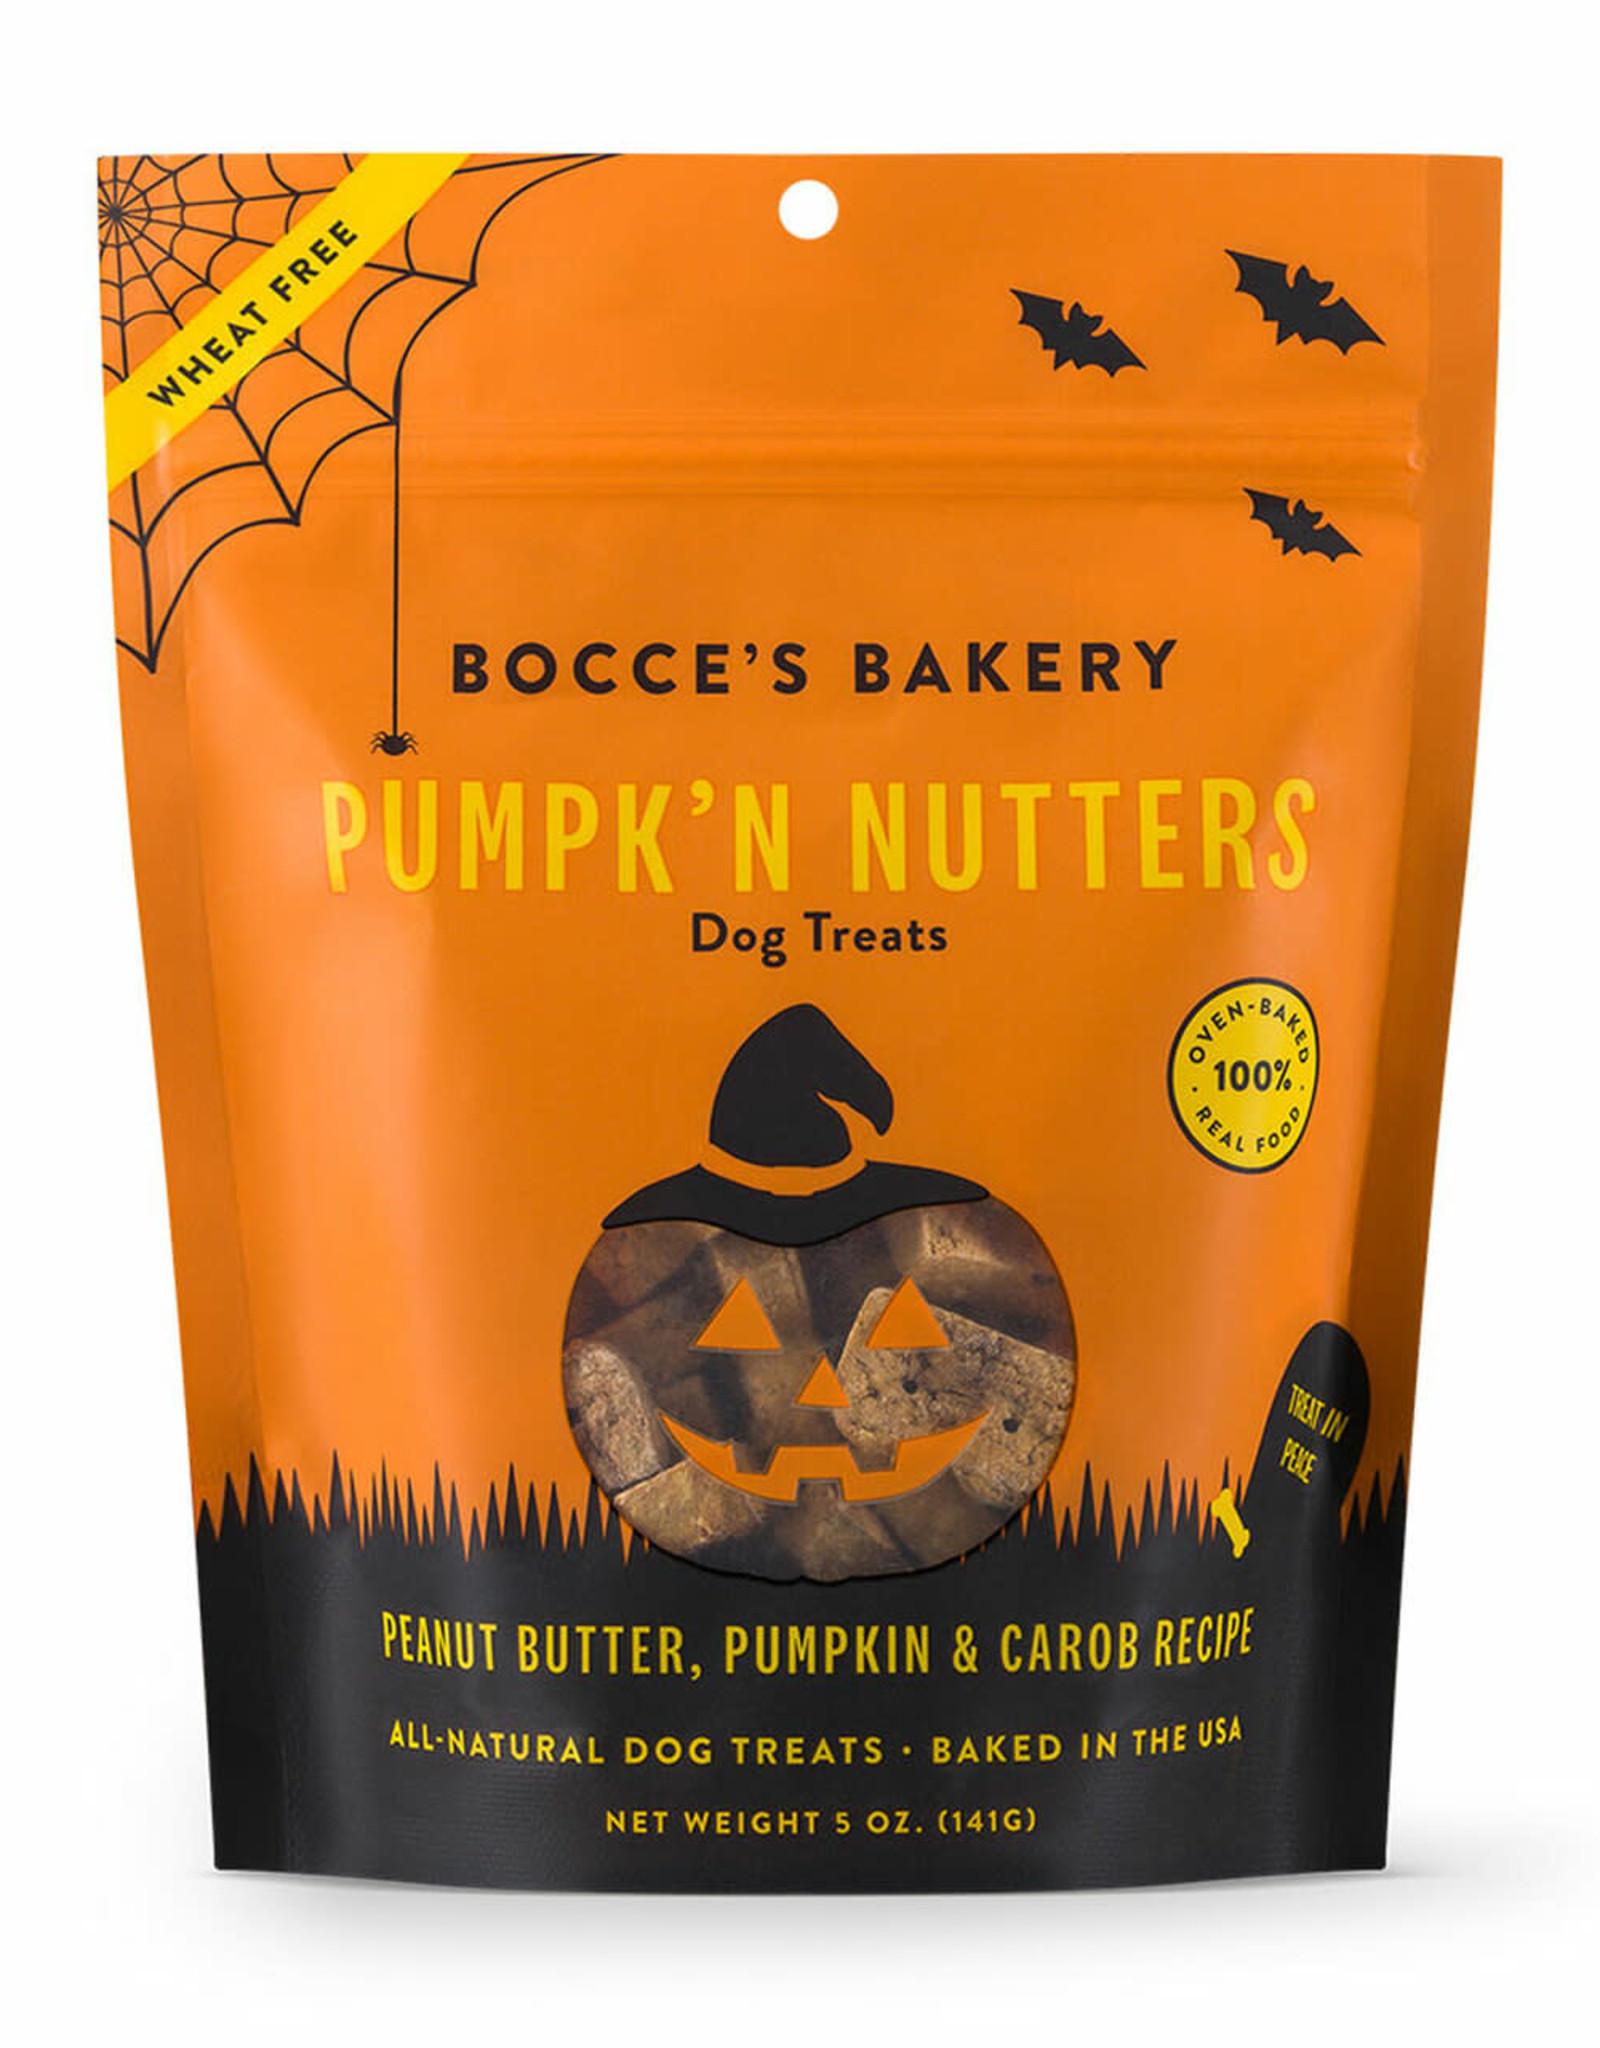 Bocce Bakery Pumpk'n Nutters 5oz